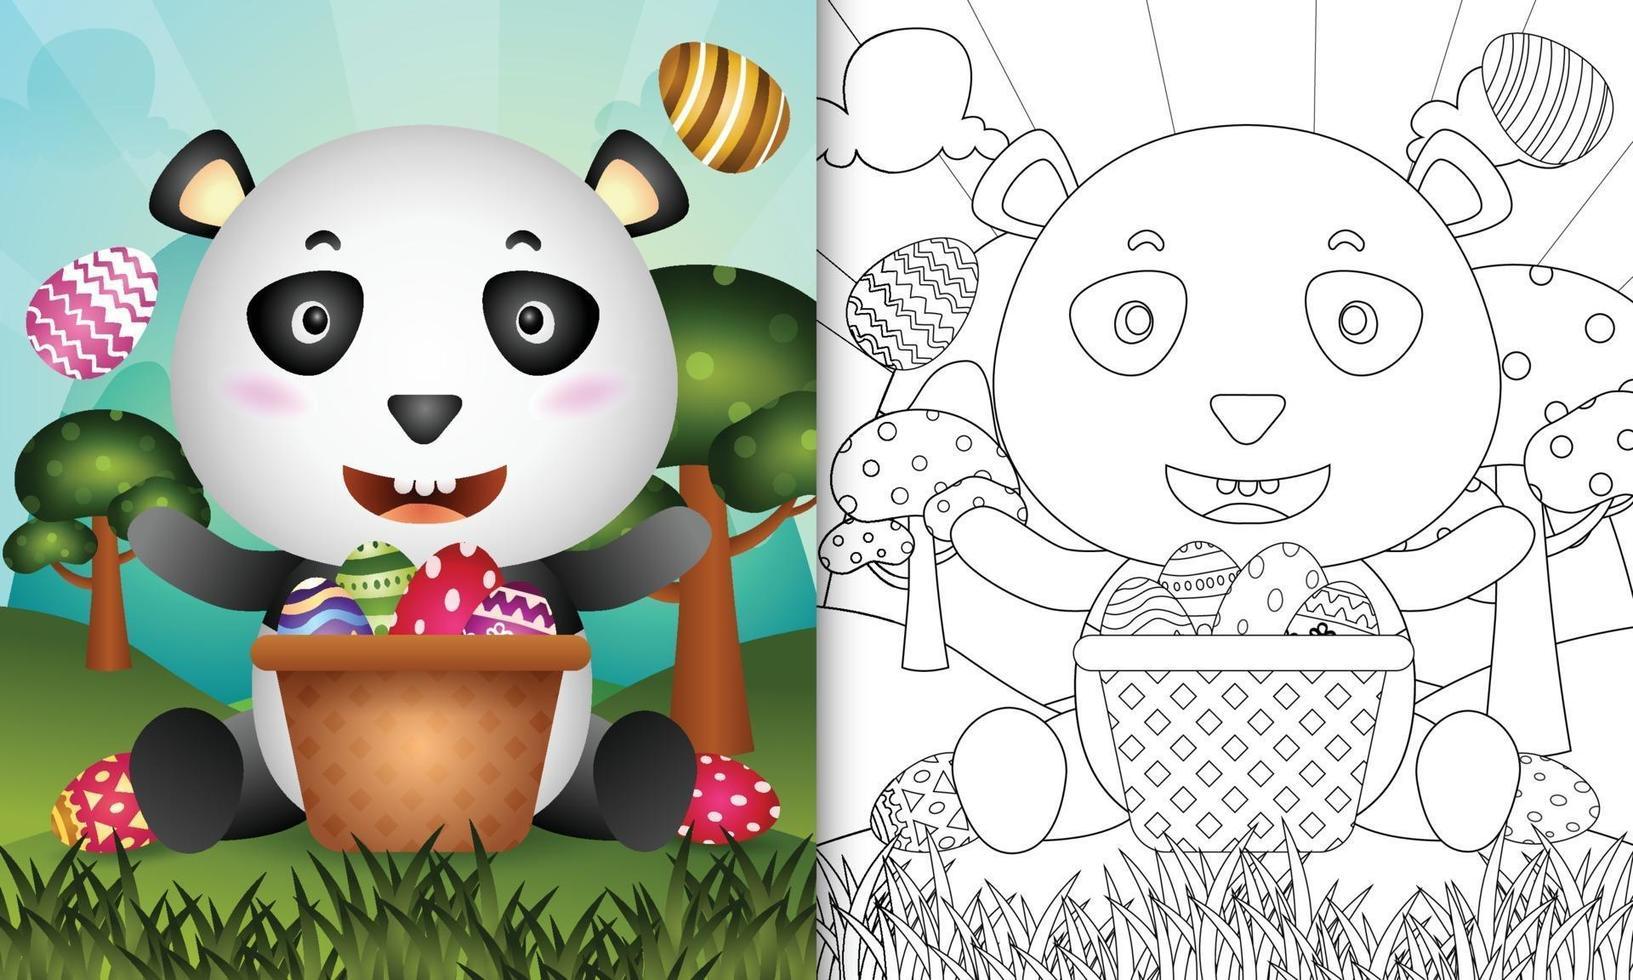 livro de colorir para crianças com tema feliz dia de Páscoa com ilustração de um panda fofo no ovo balde vetor